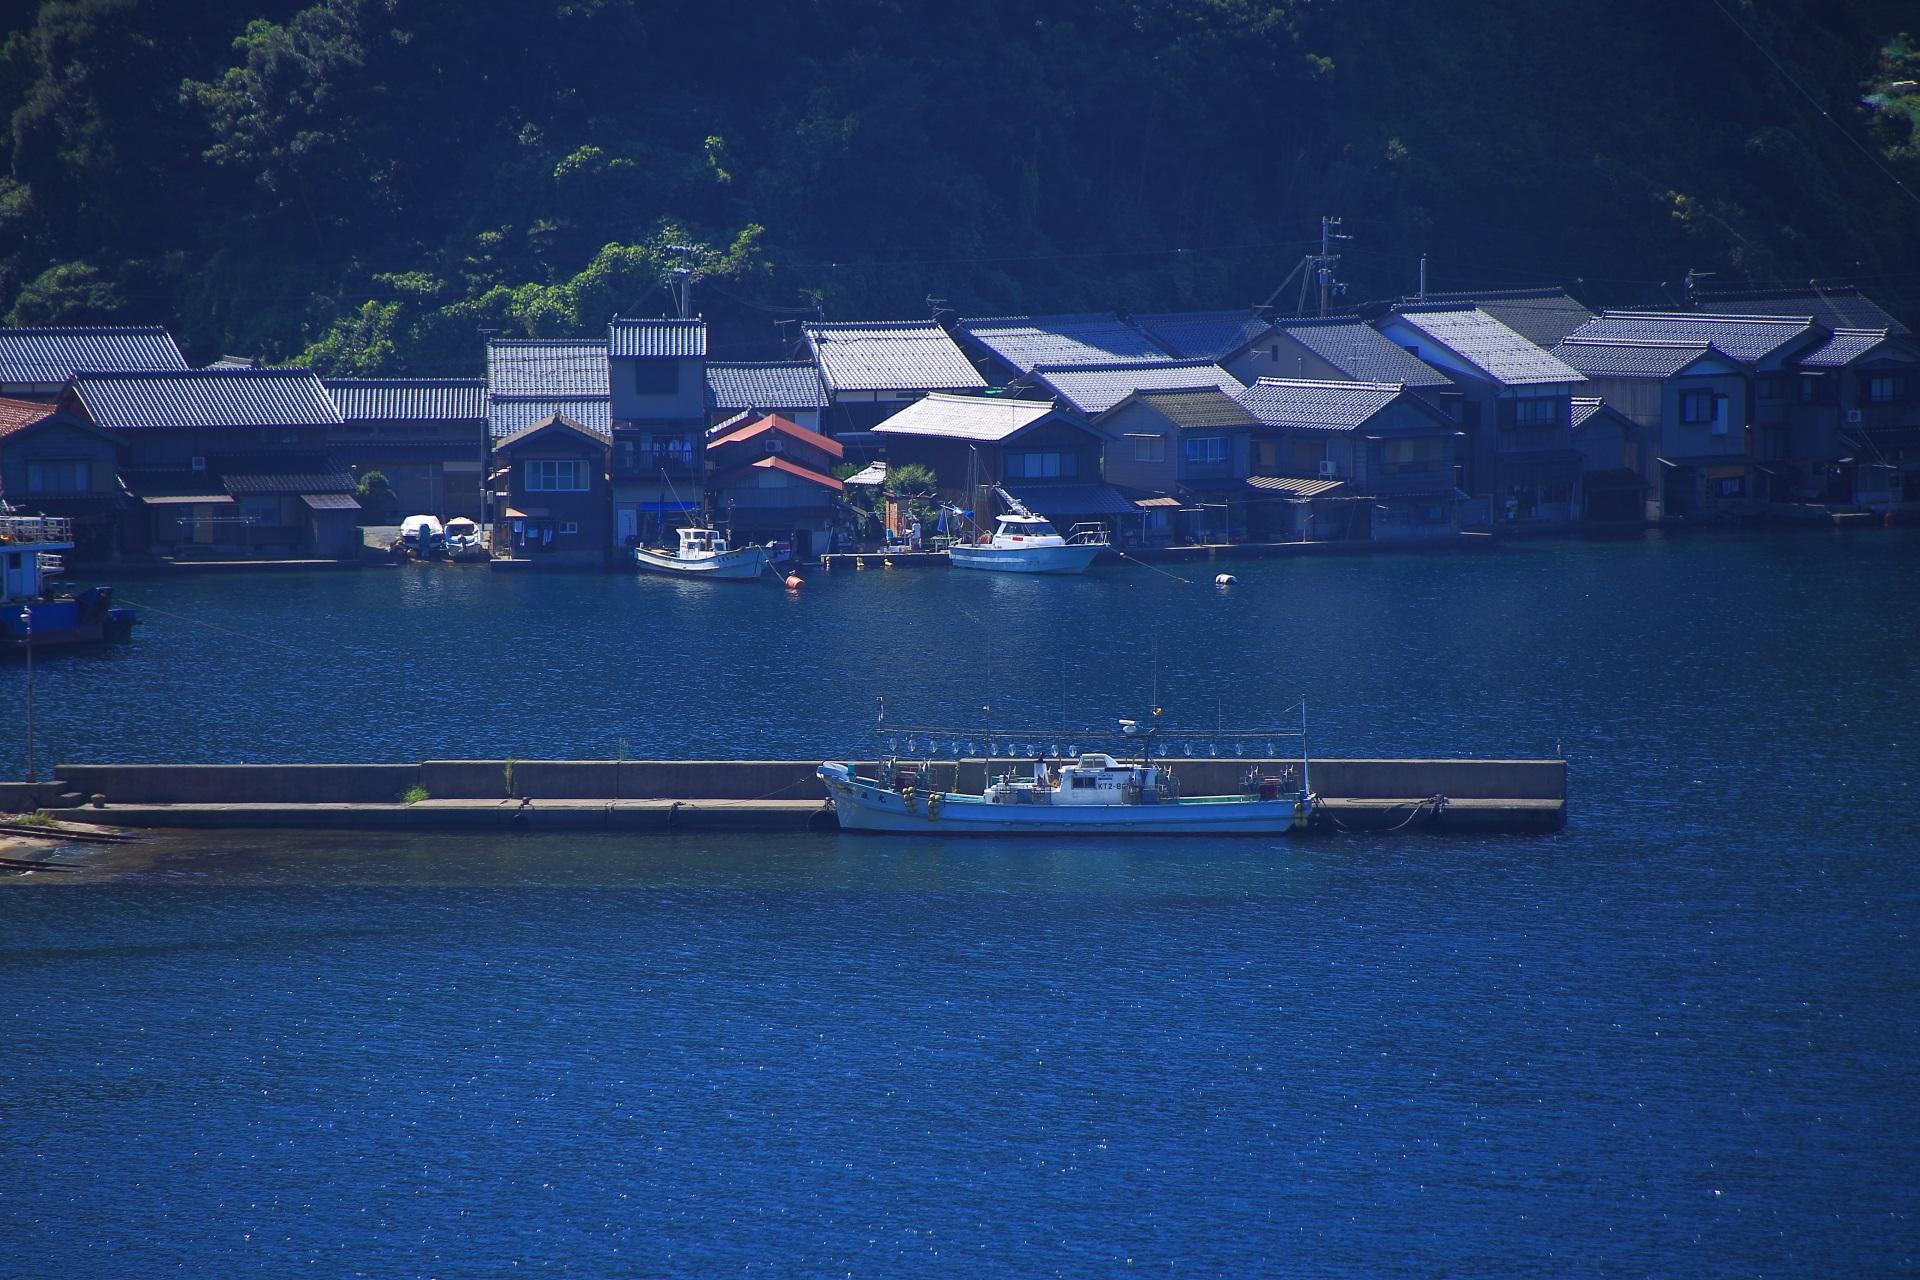 伊根湾の漁船や船舶